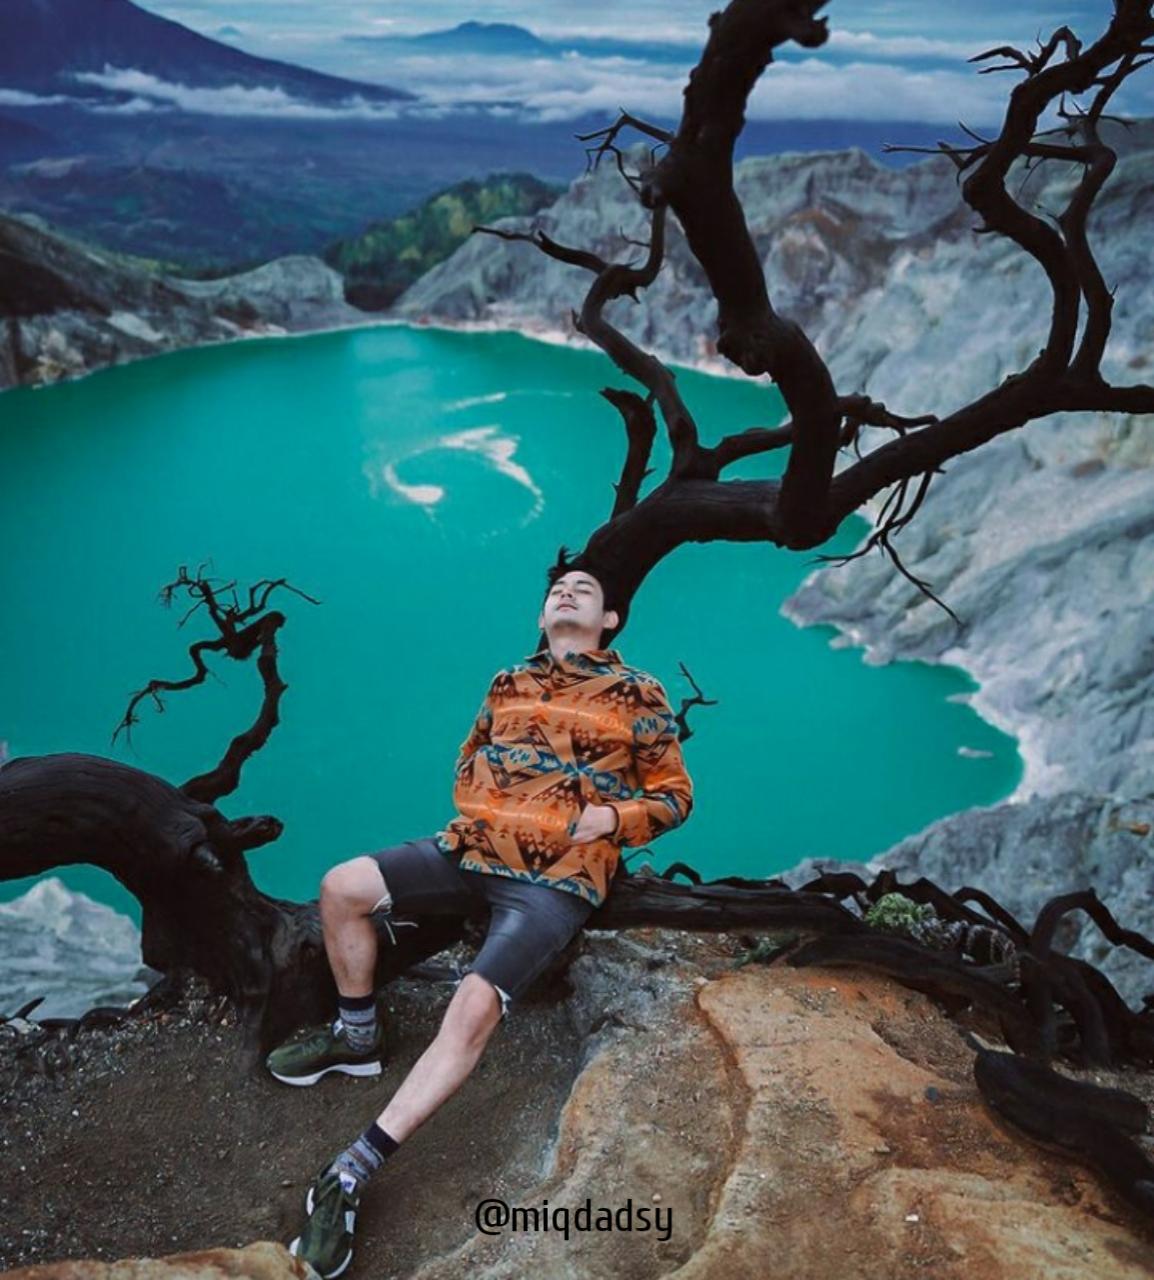 rute menuji tempat wisata indonesia kawah ijen